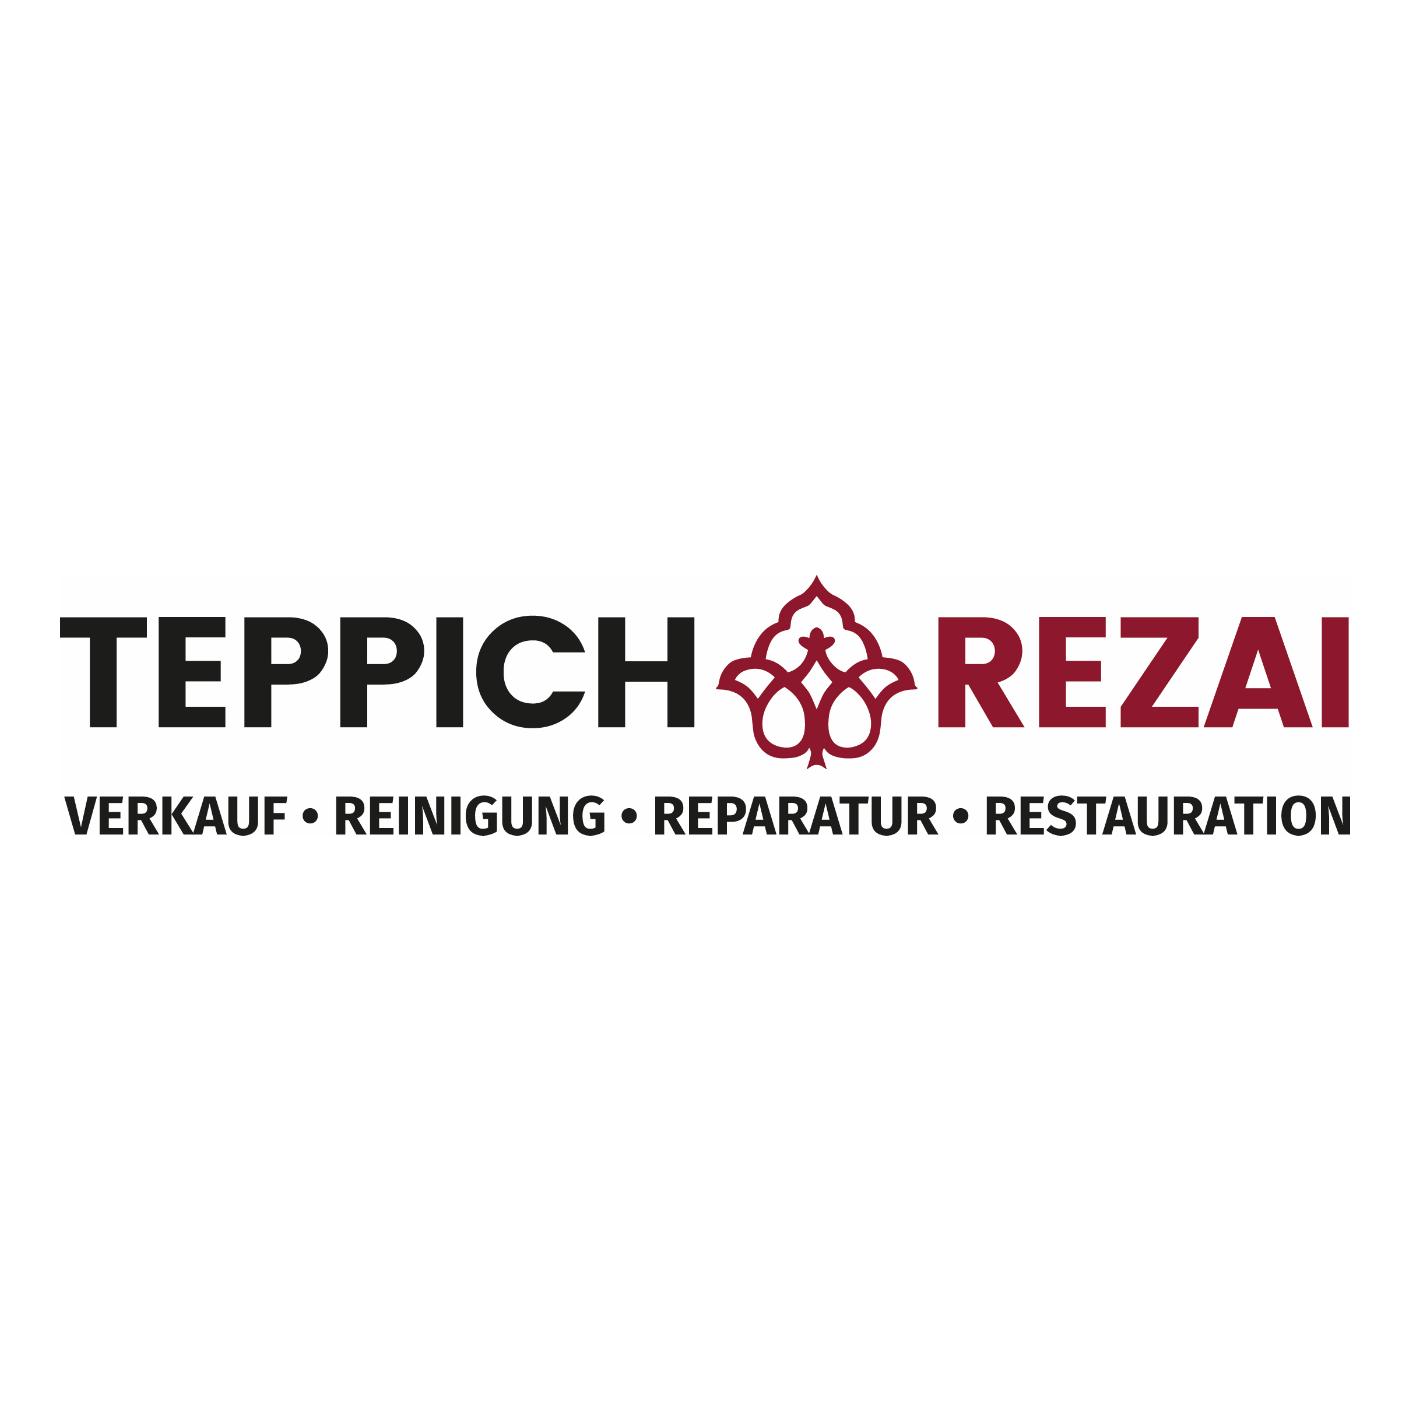 Bild zu Teppich REZAI Teppichreinigung & Reparatur in Aschaffenburg